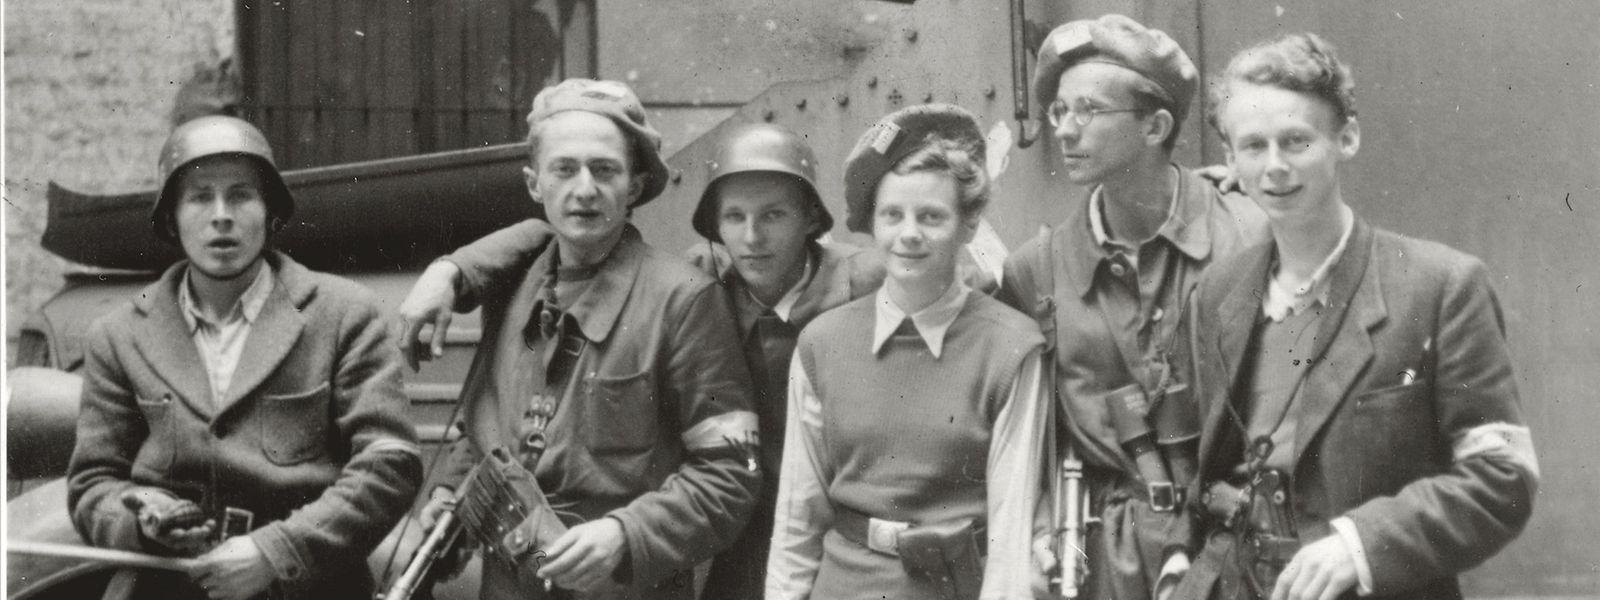 Fotografie und Kriegsberichterstattung im Warschauer Aufstand 1944